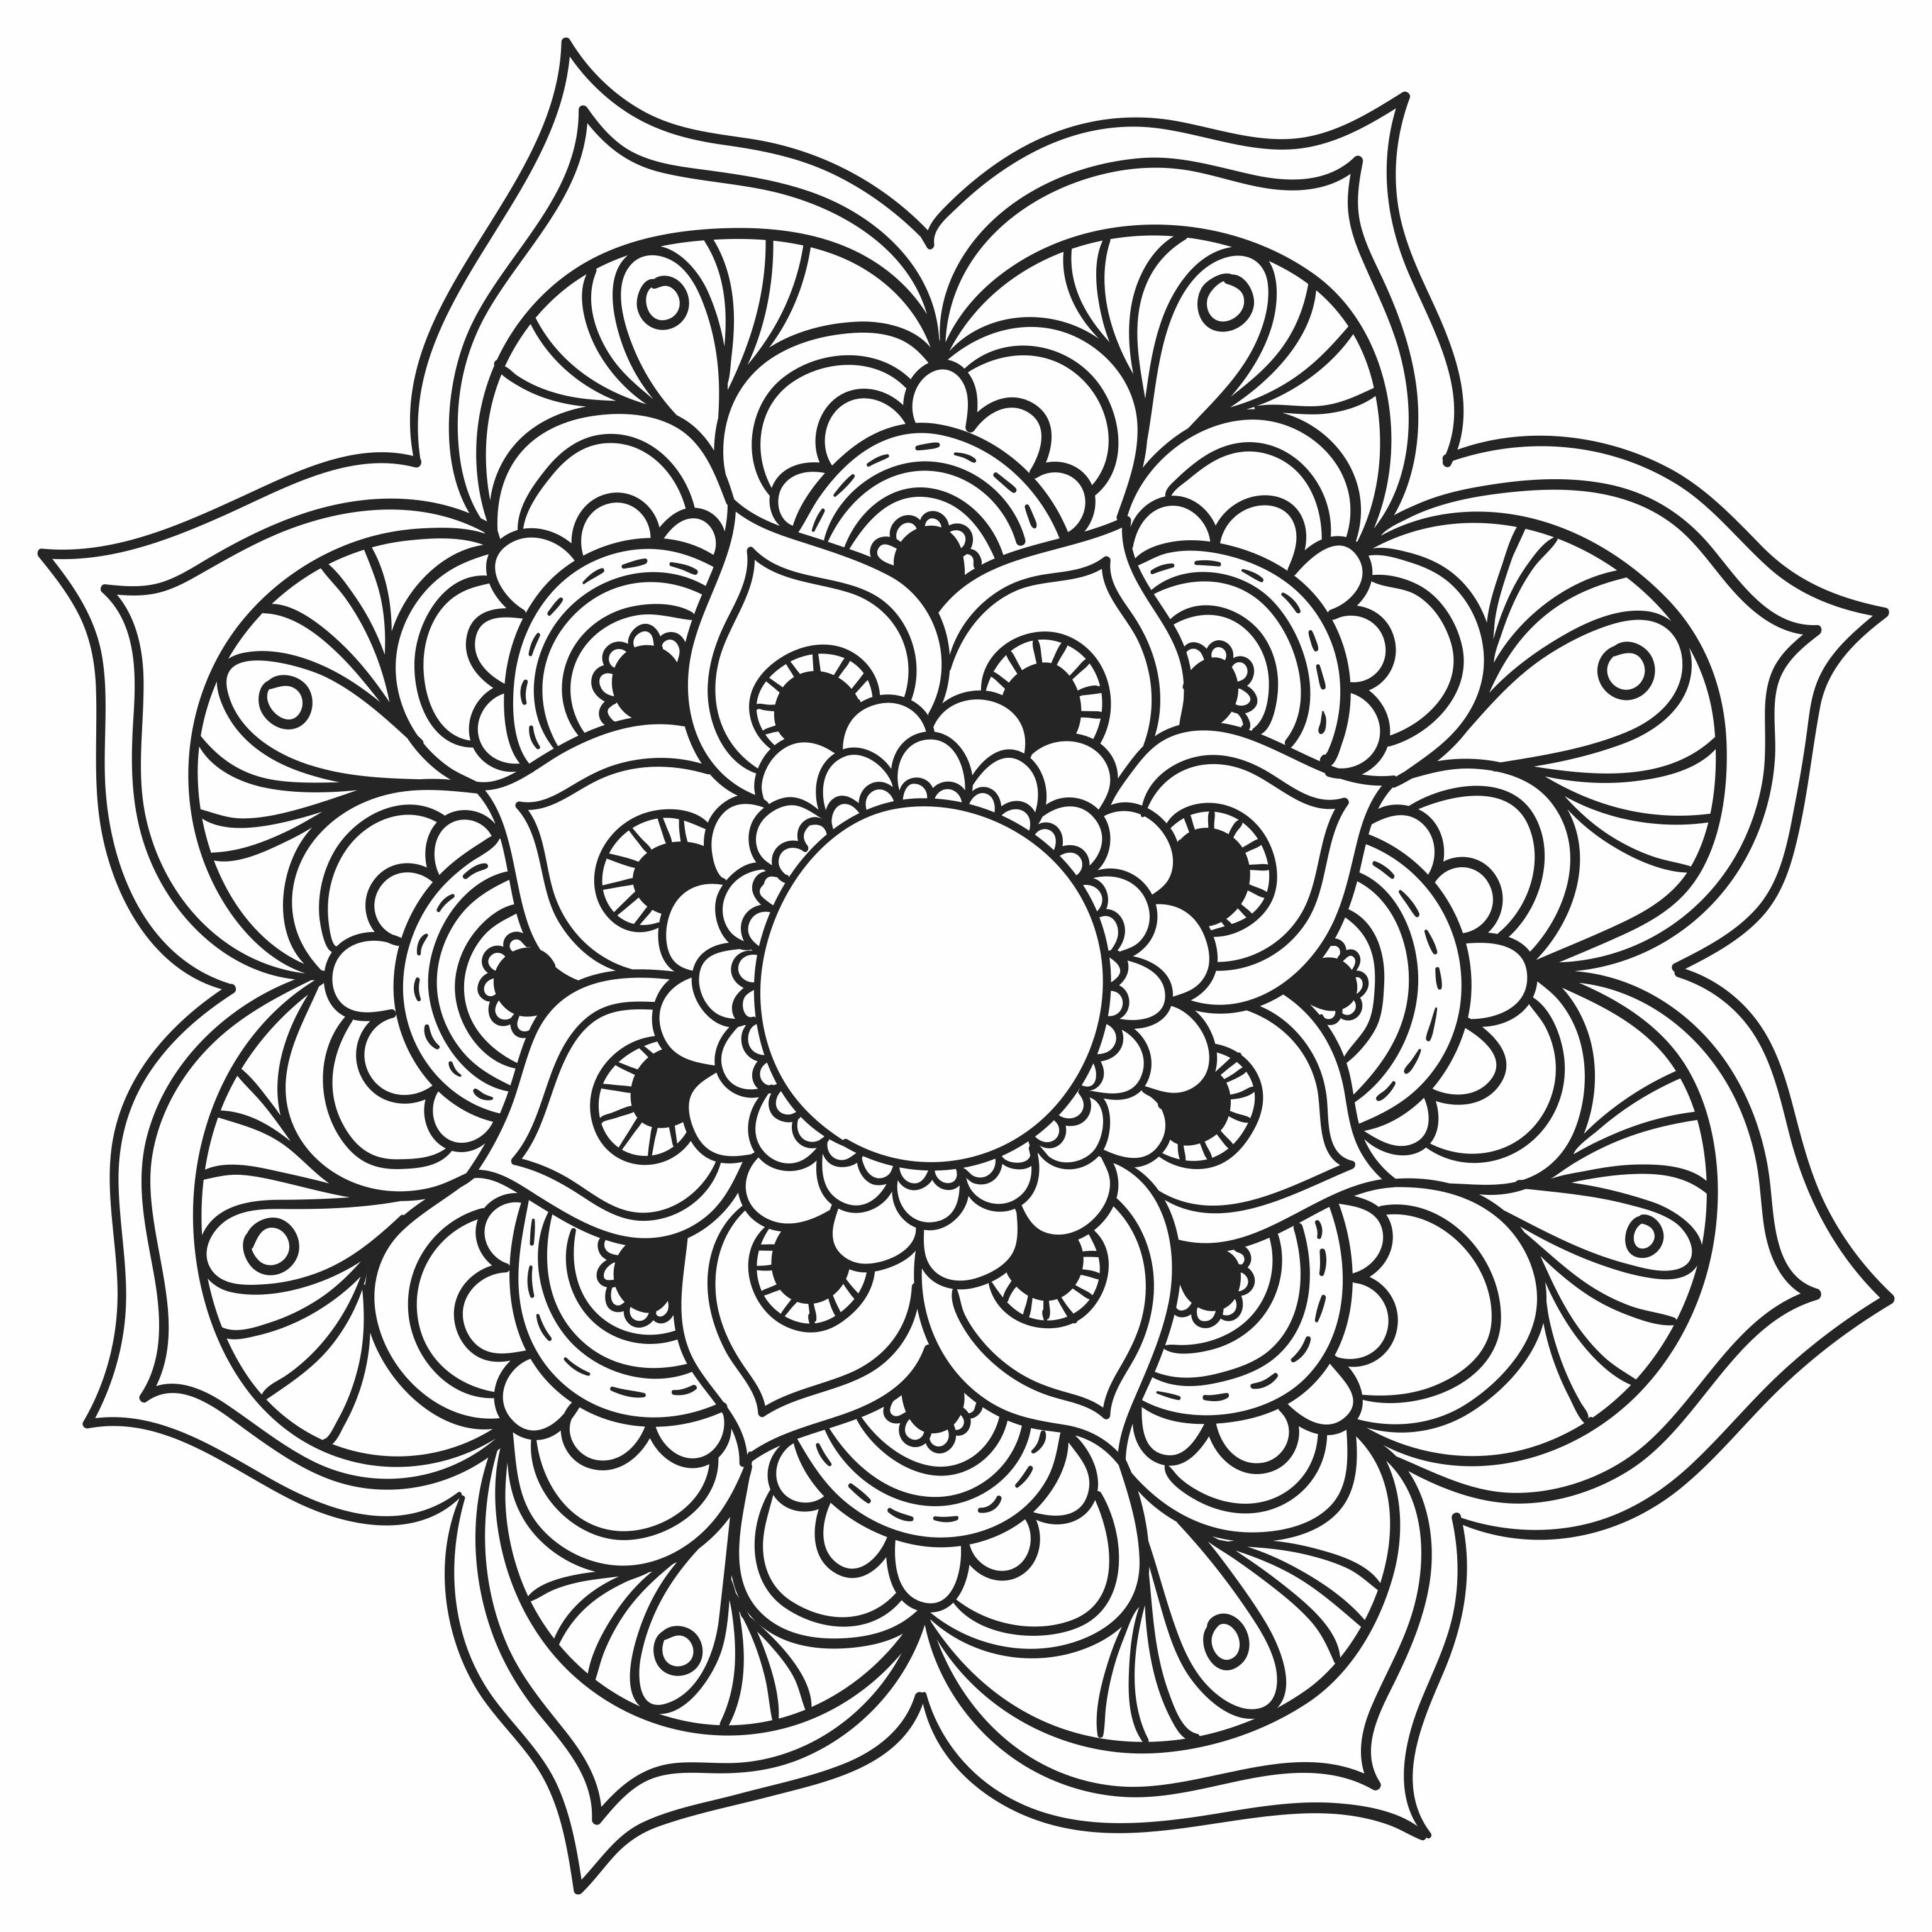 Imagens de Mandalas para você baixar, imprimir e colorir